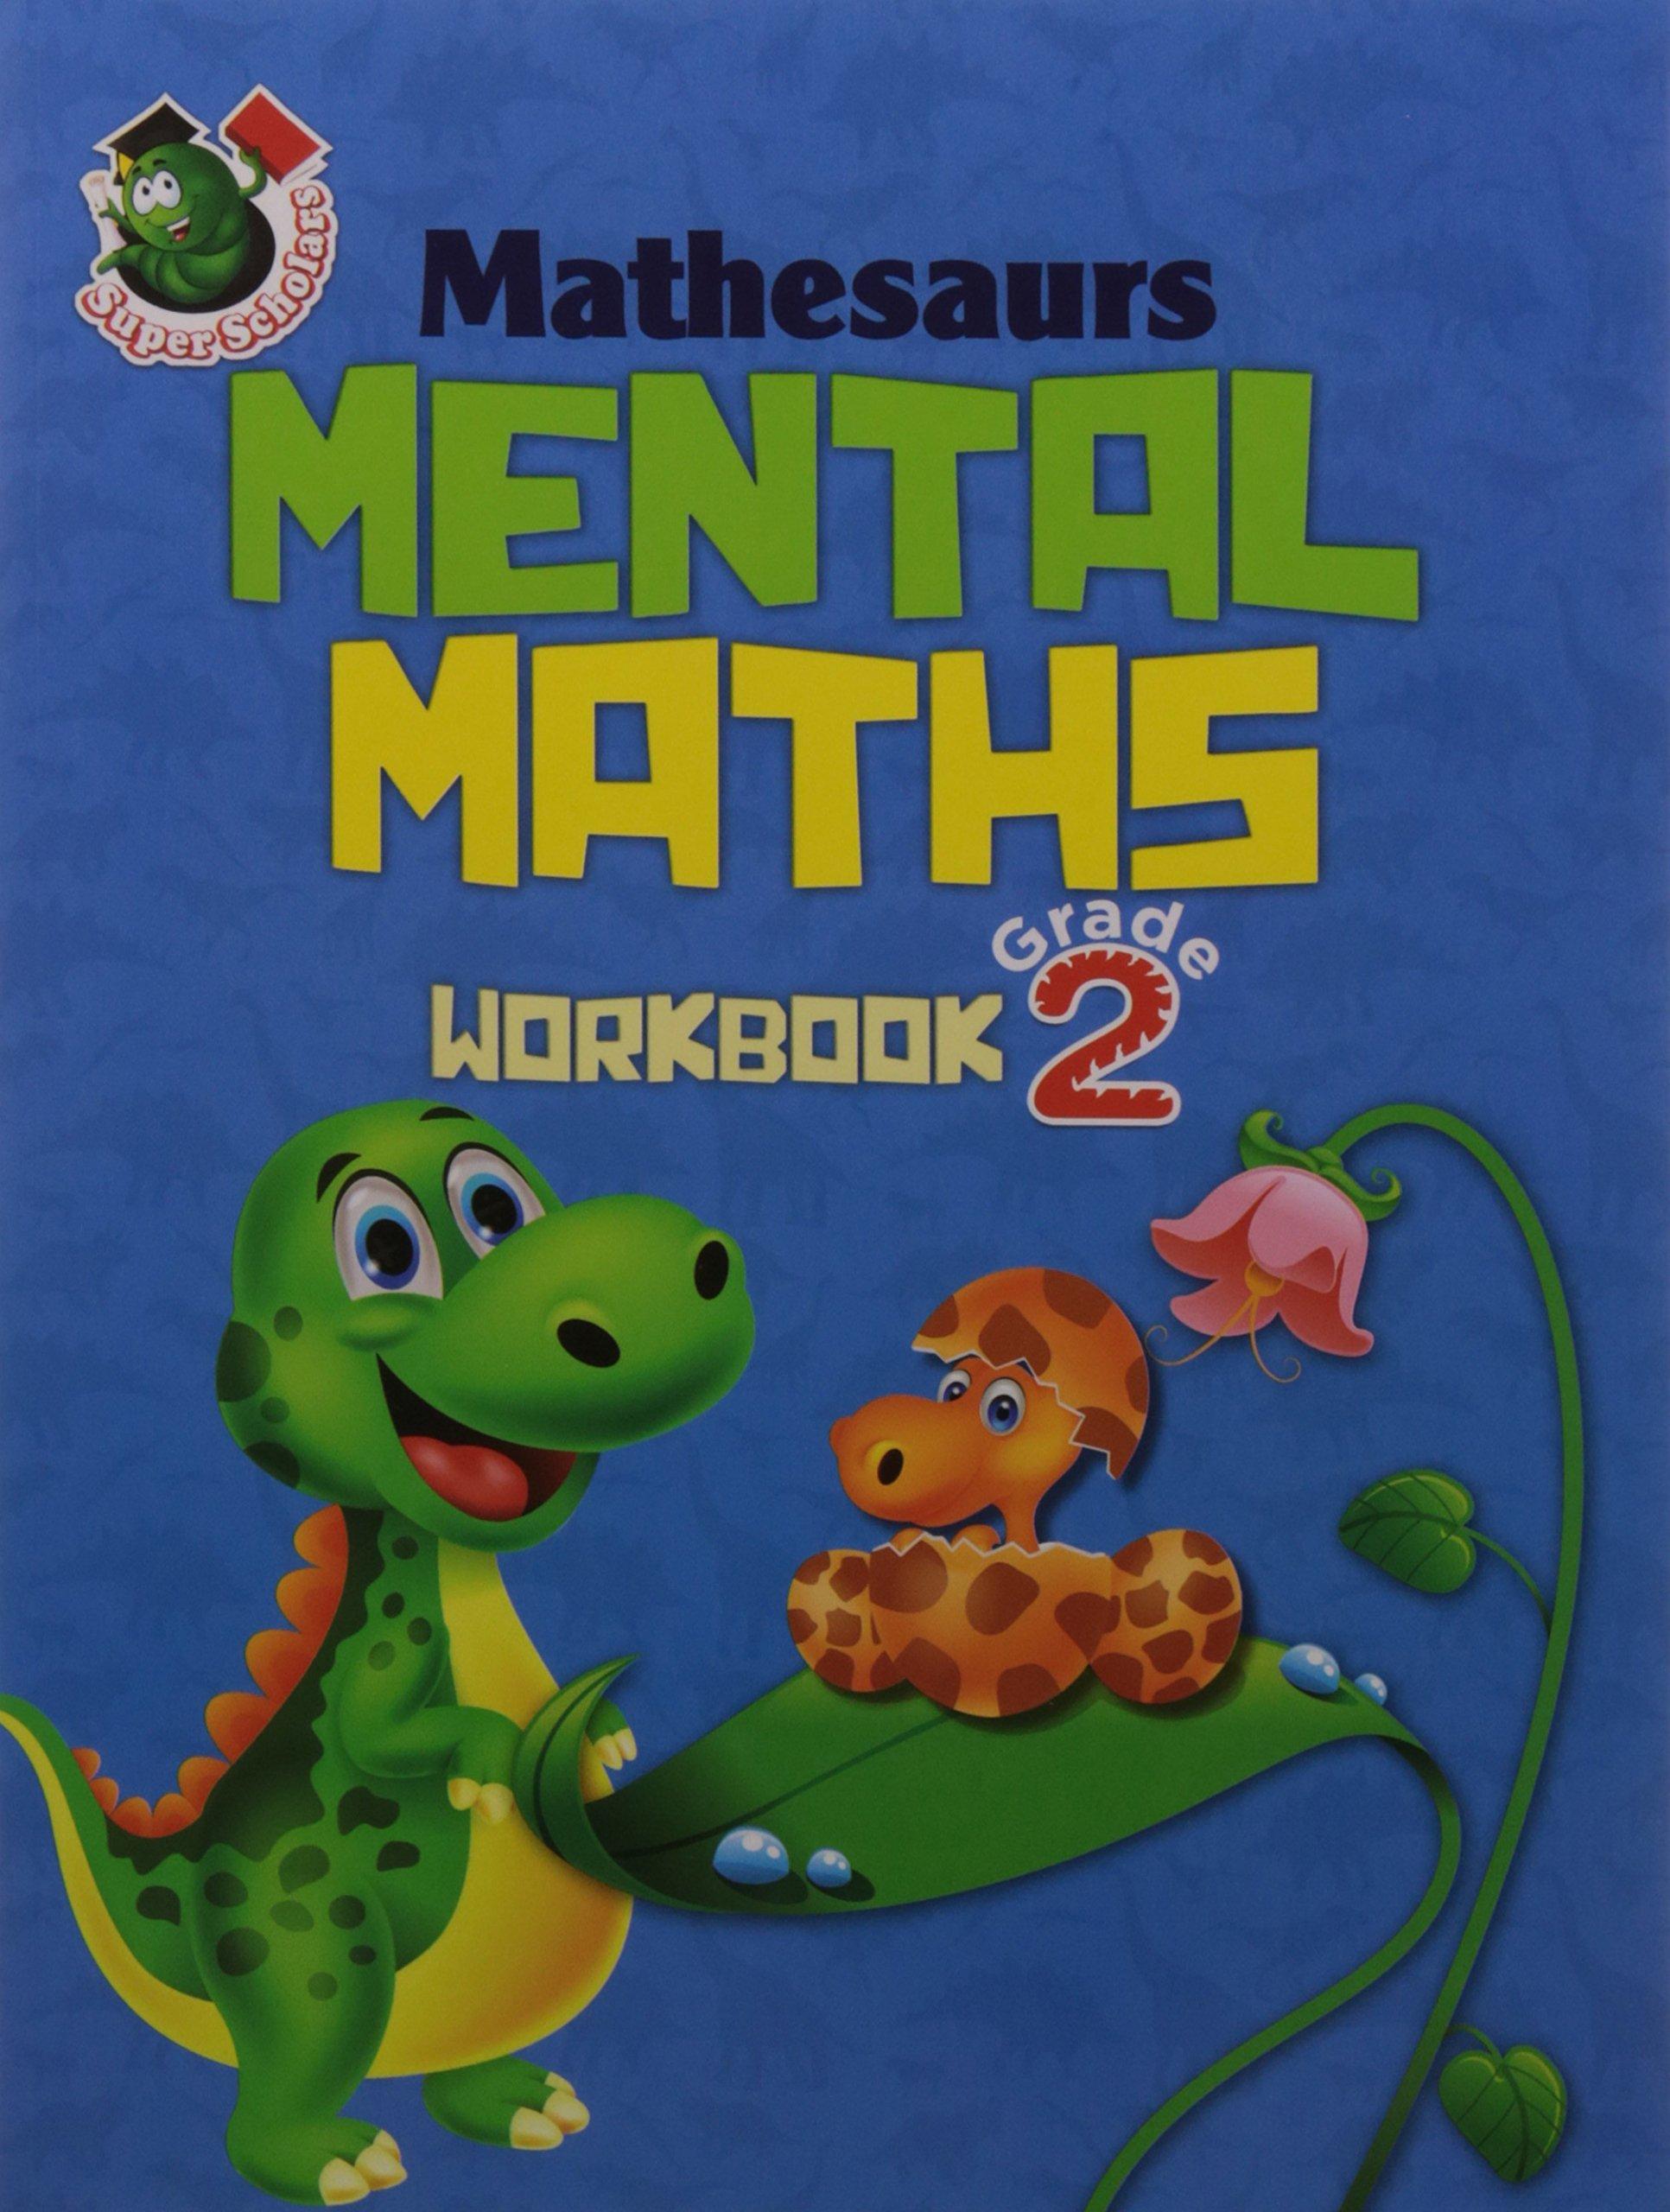 Super Scholars : Mathesaurs Mental Maths Workbook : GRADE 2